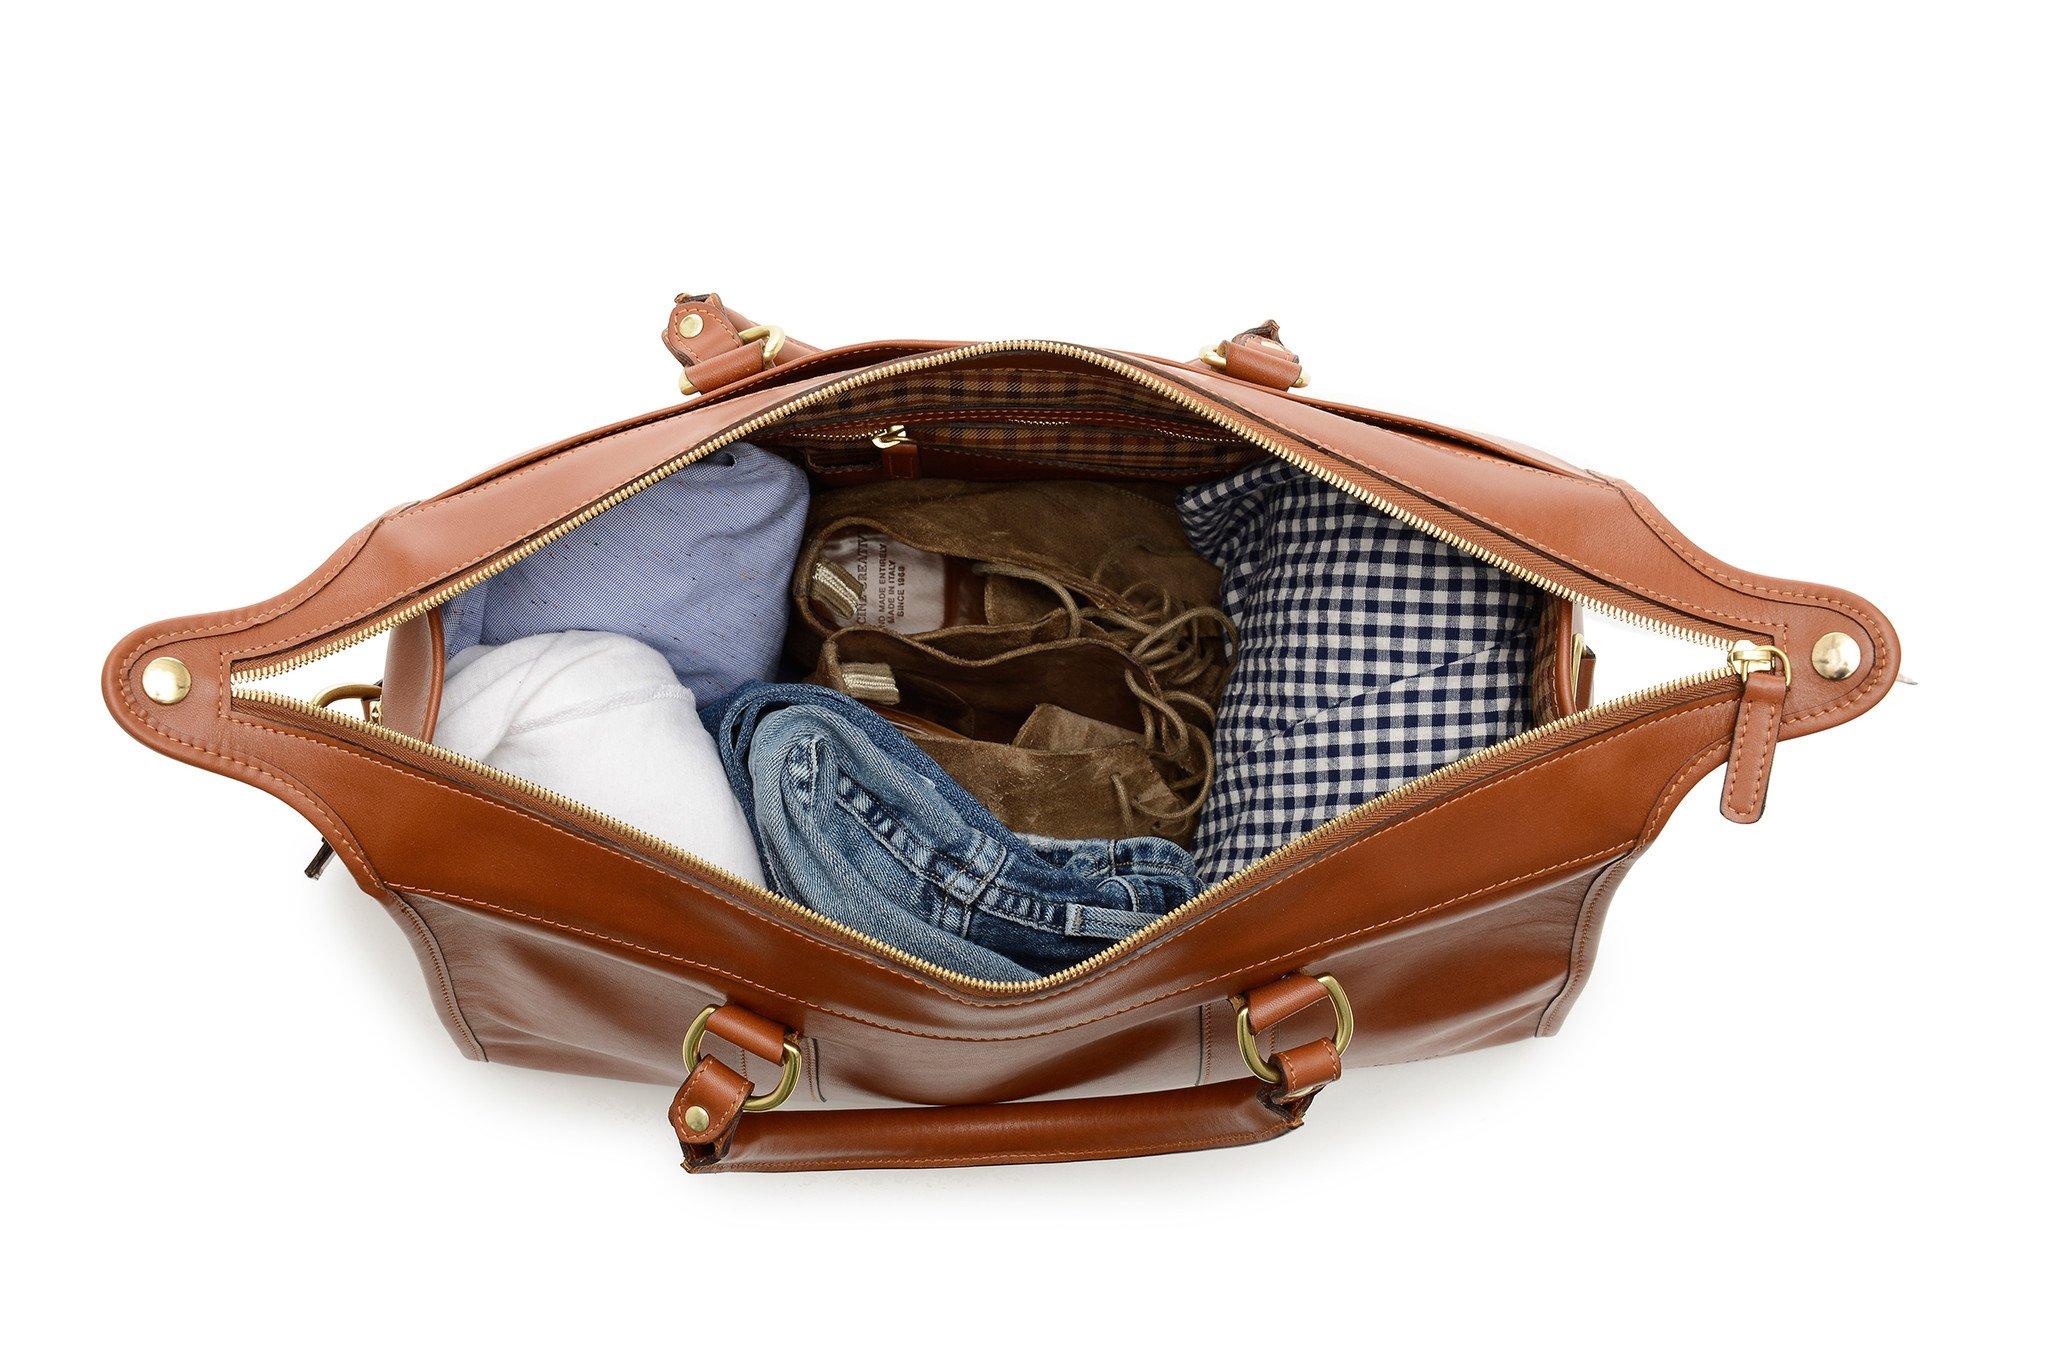 Bạn đang muốn mua túi xách nam du lịch thì đây là item không thể bỏ qua